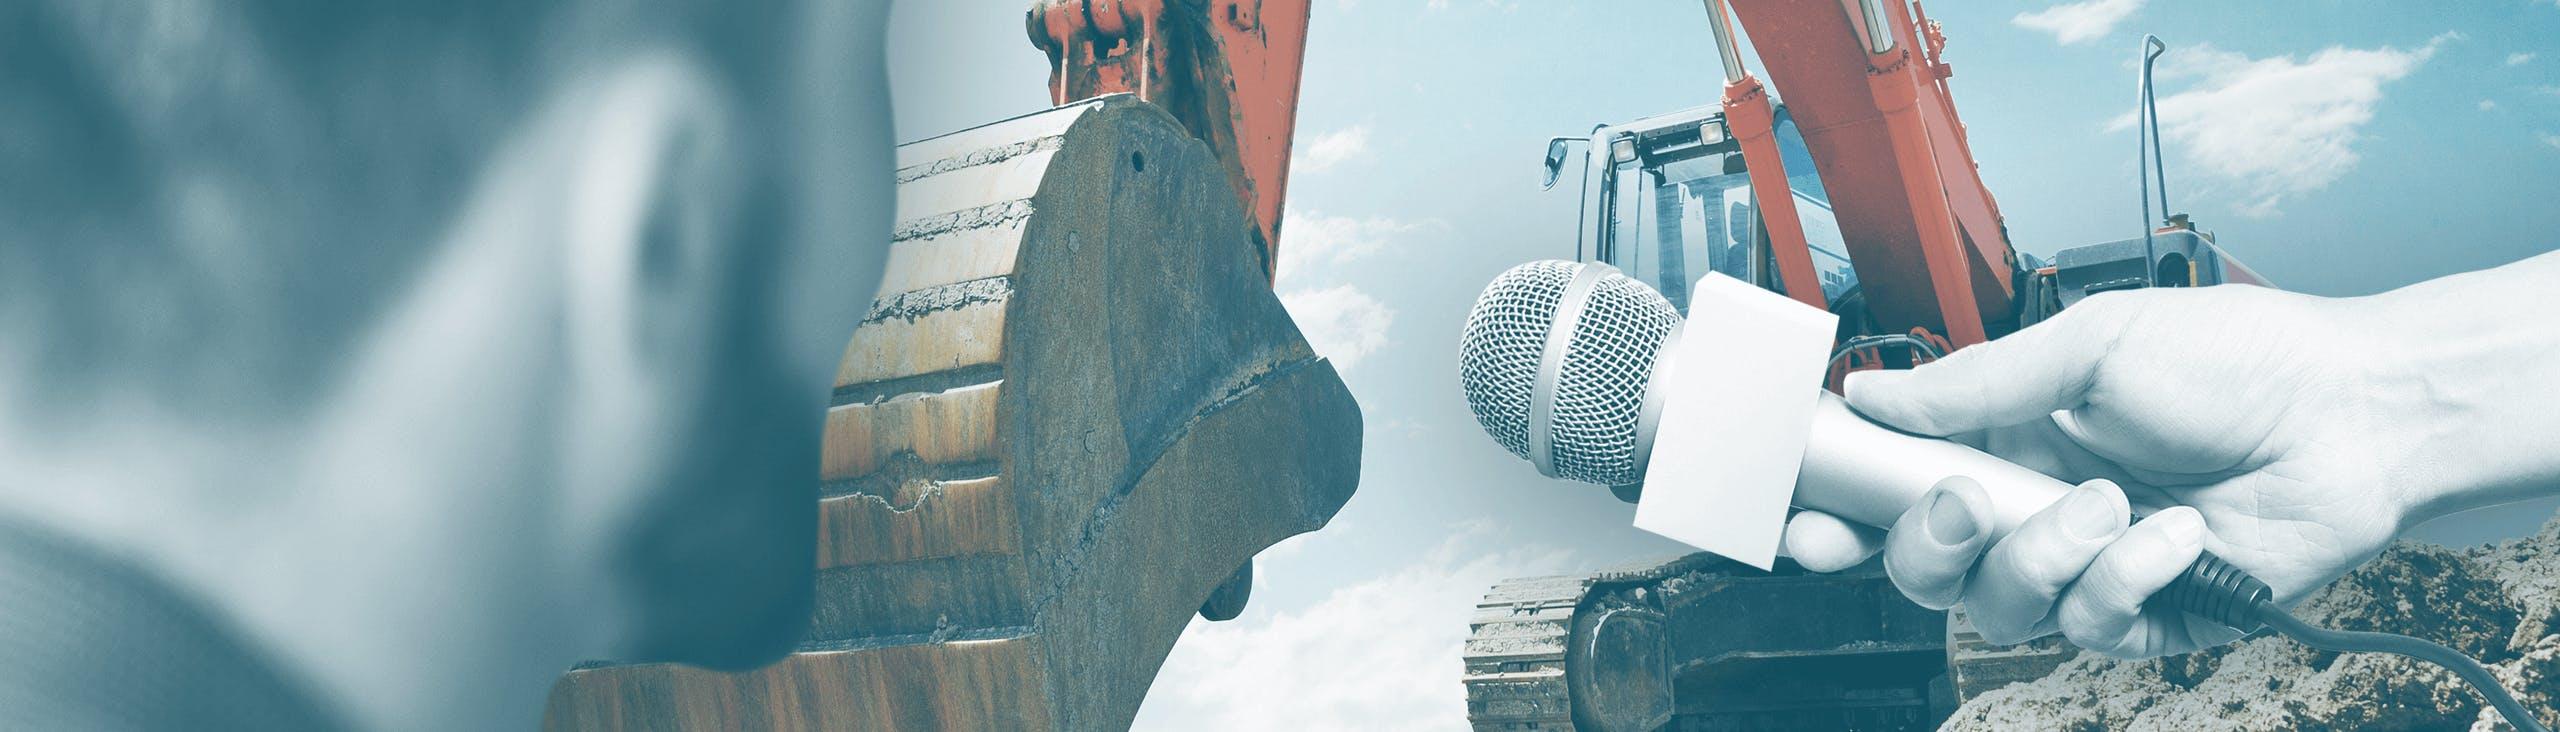 a3bau interview digando digitale plattform